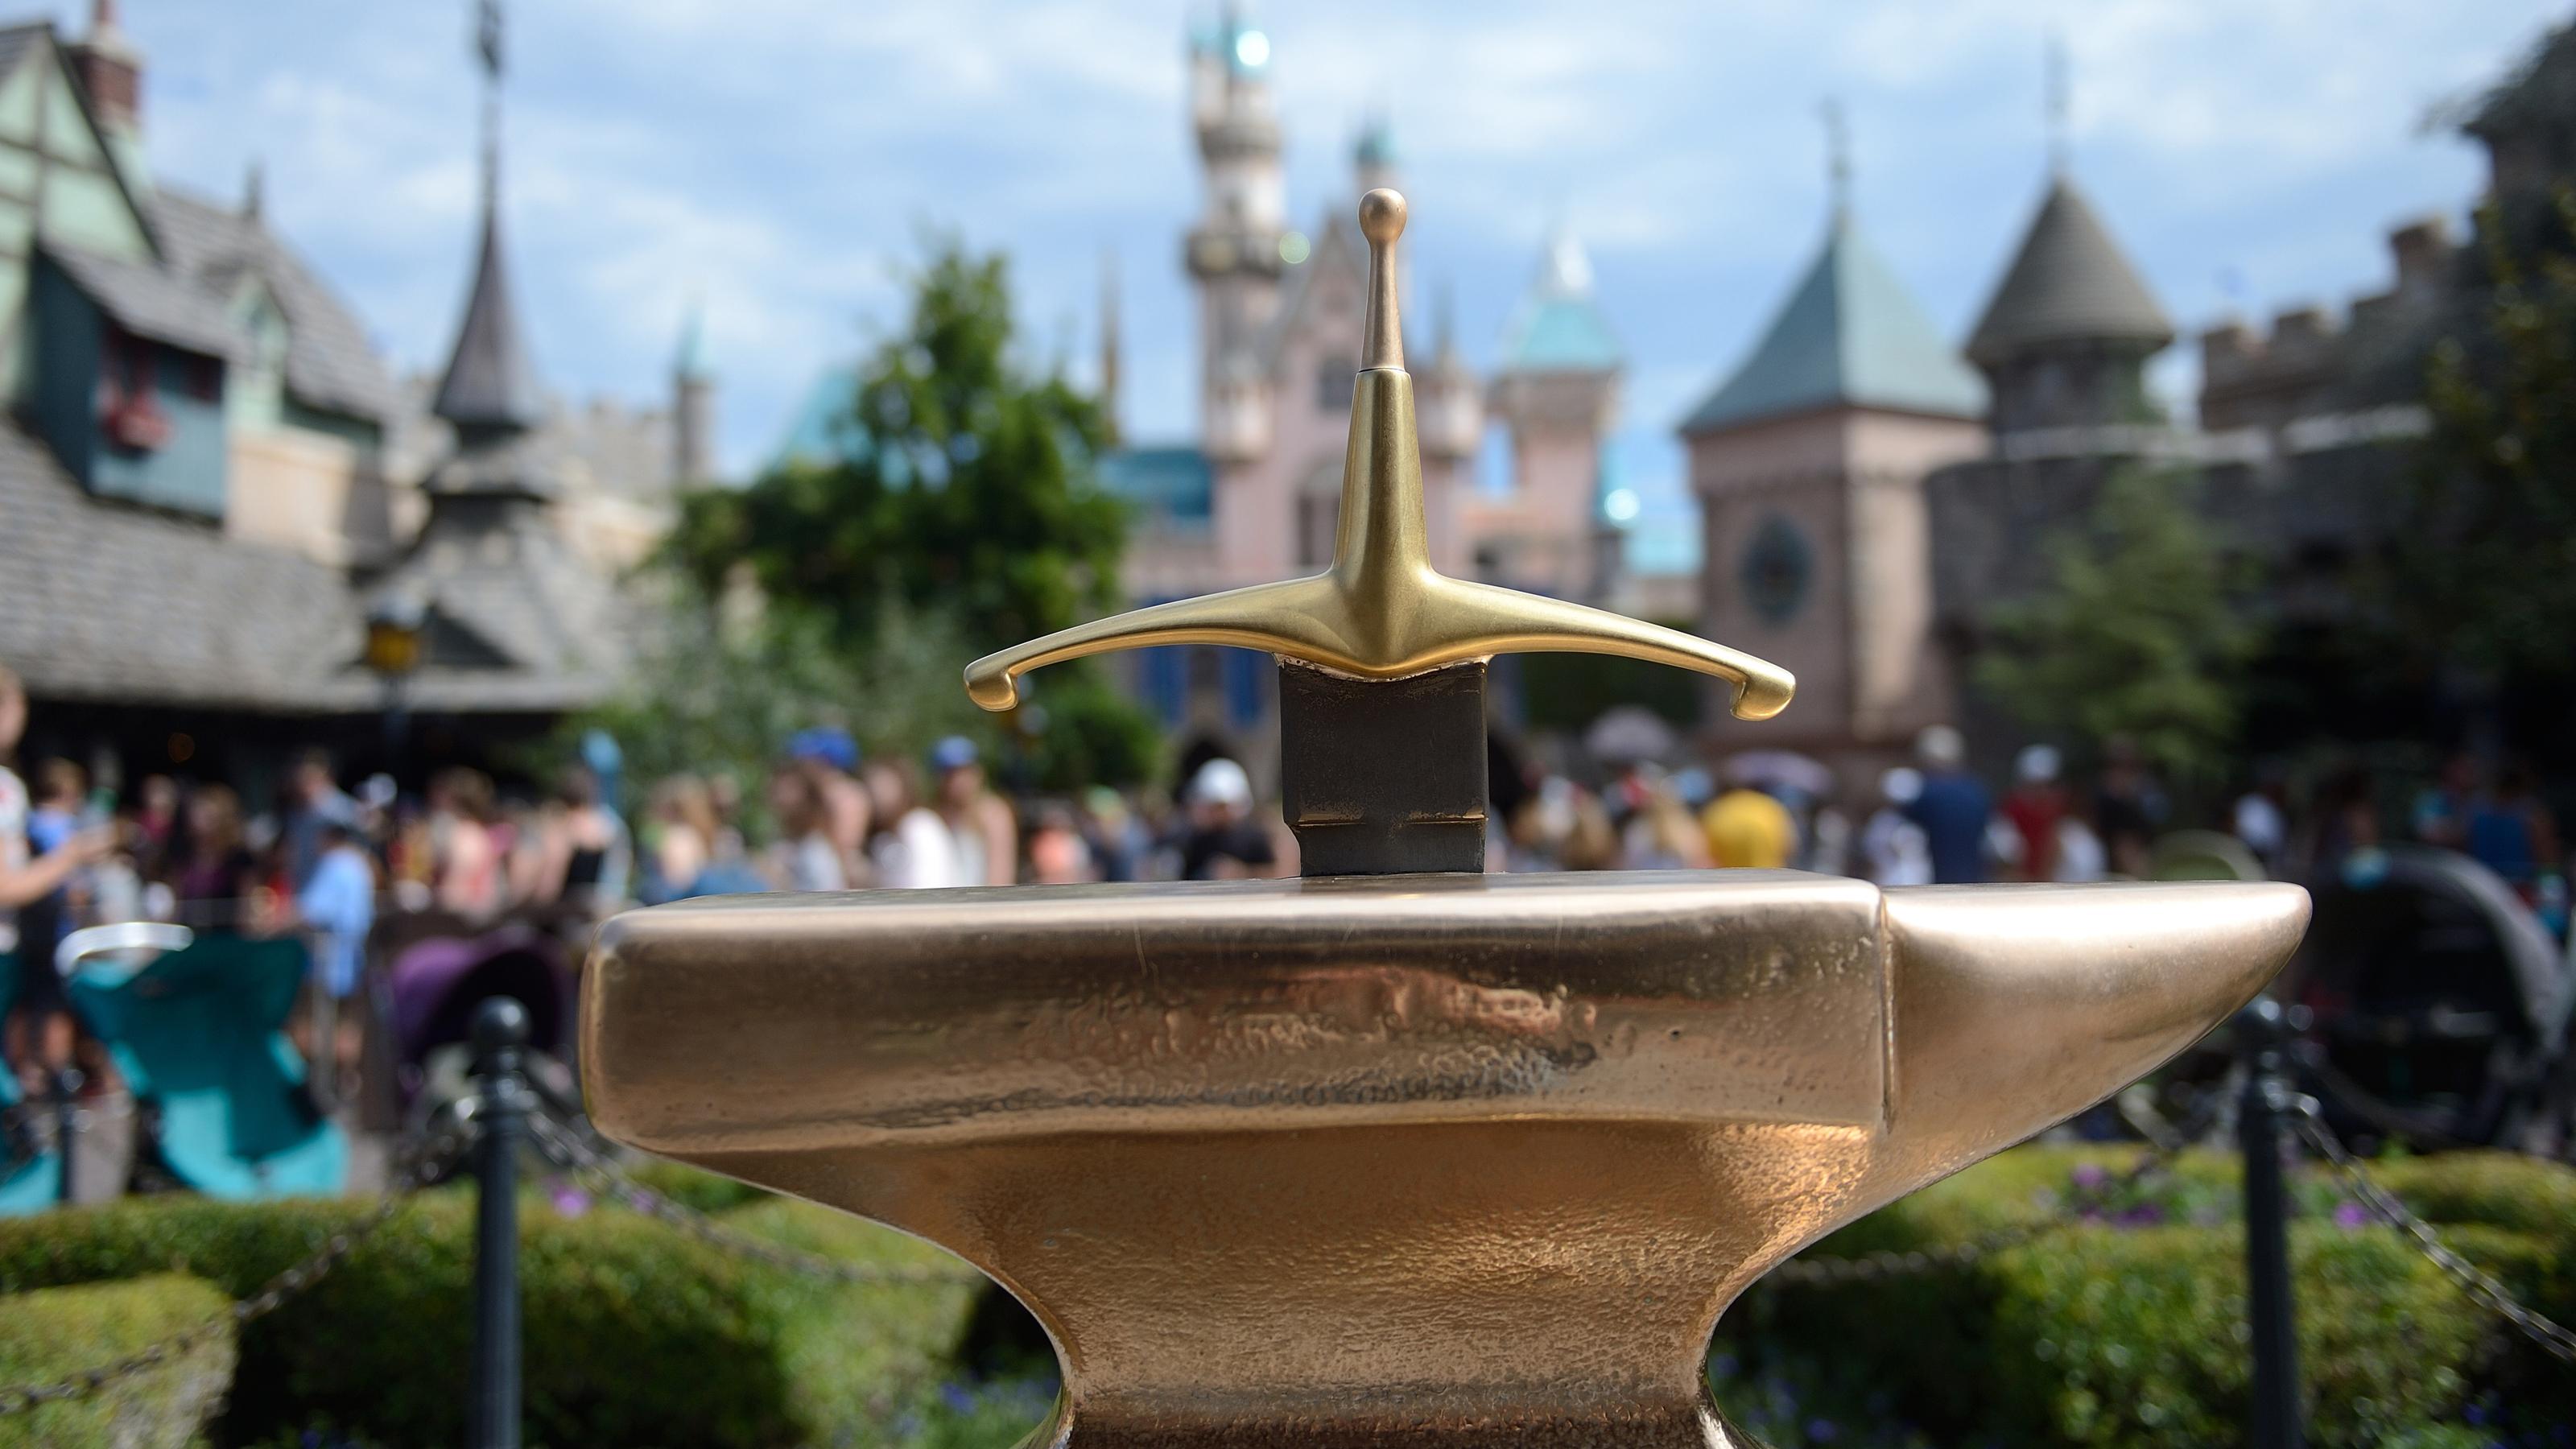 Ook dat nog: man trekt zwaard Excalibur uit aambeeld in Disneyland